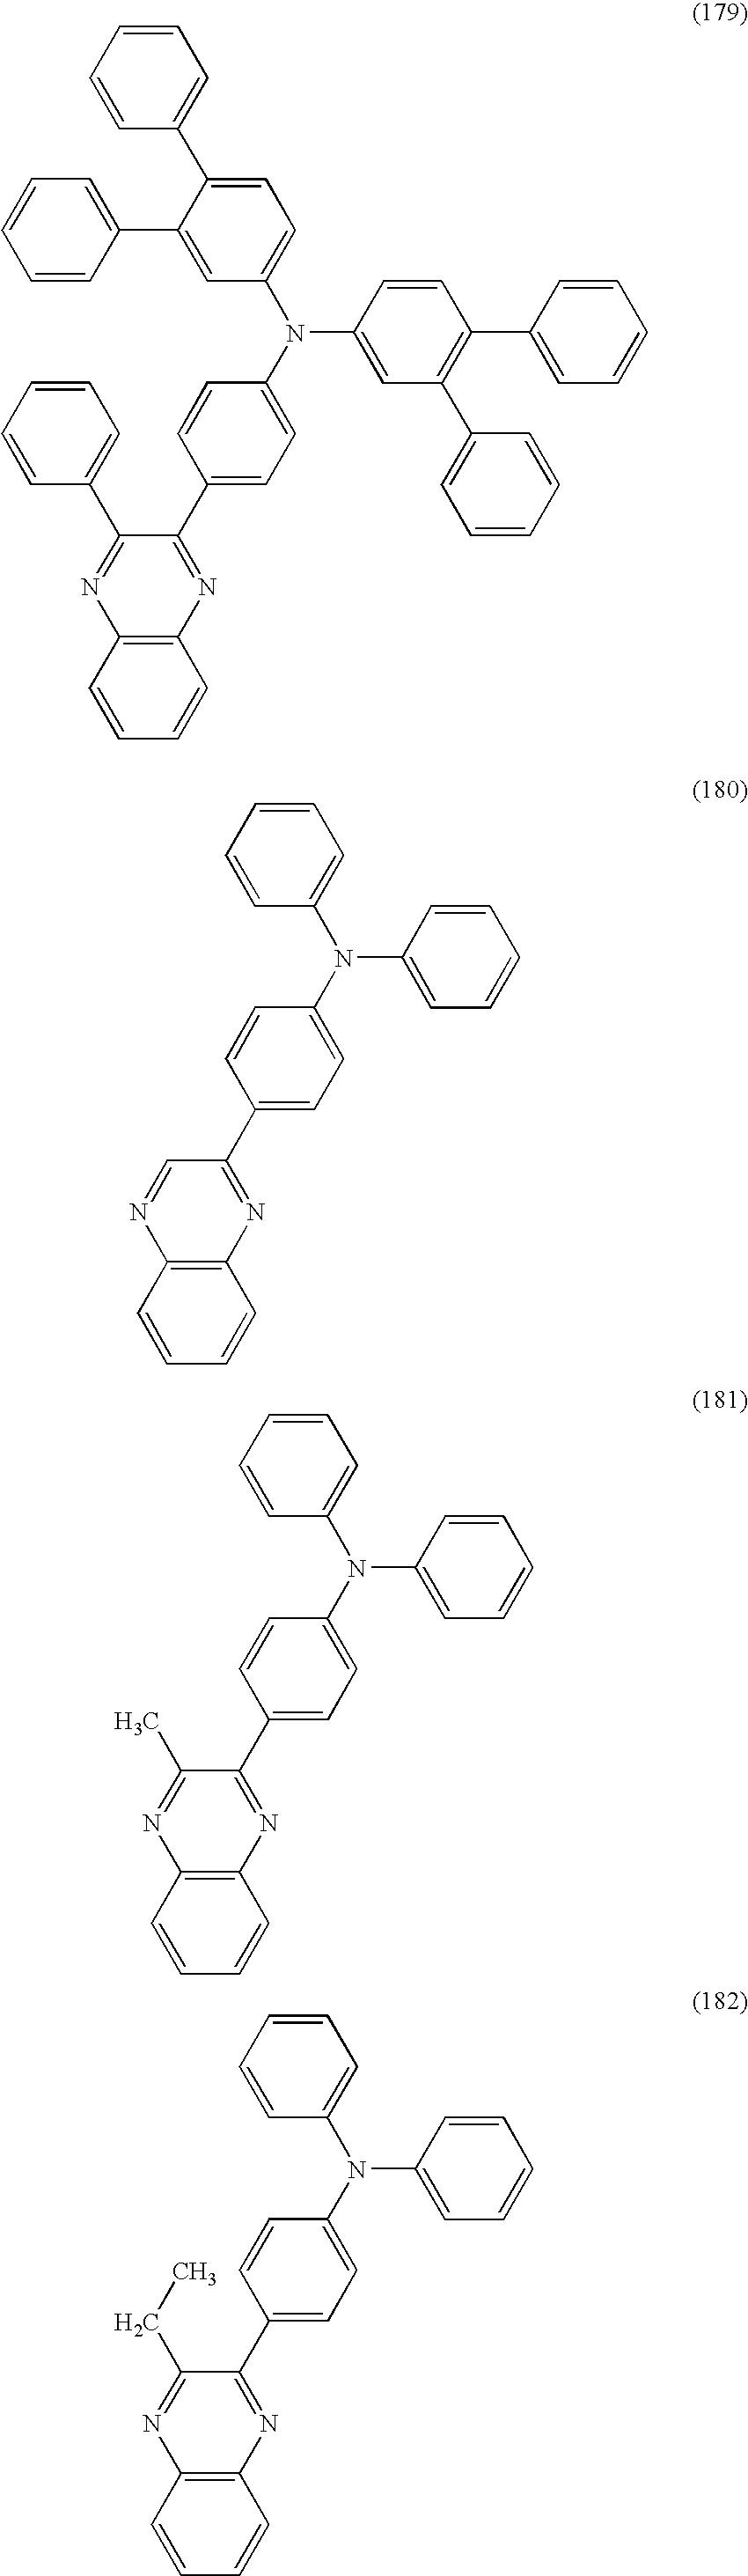 Figure US08178216-20120515-C00062